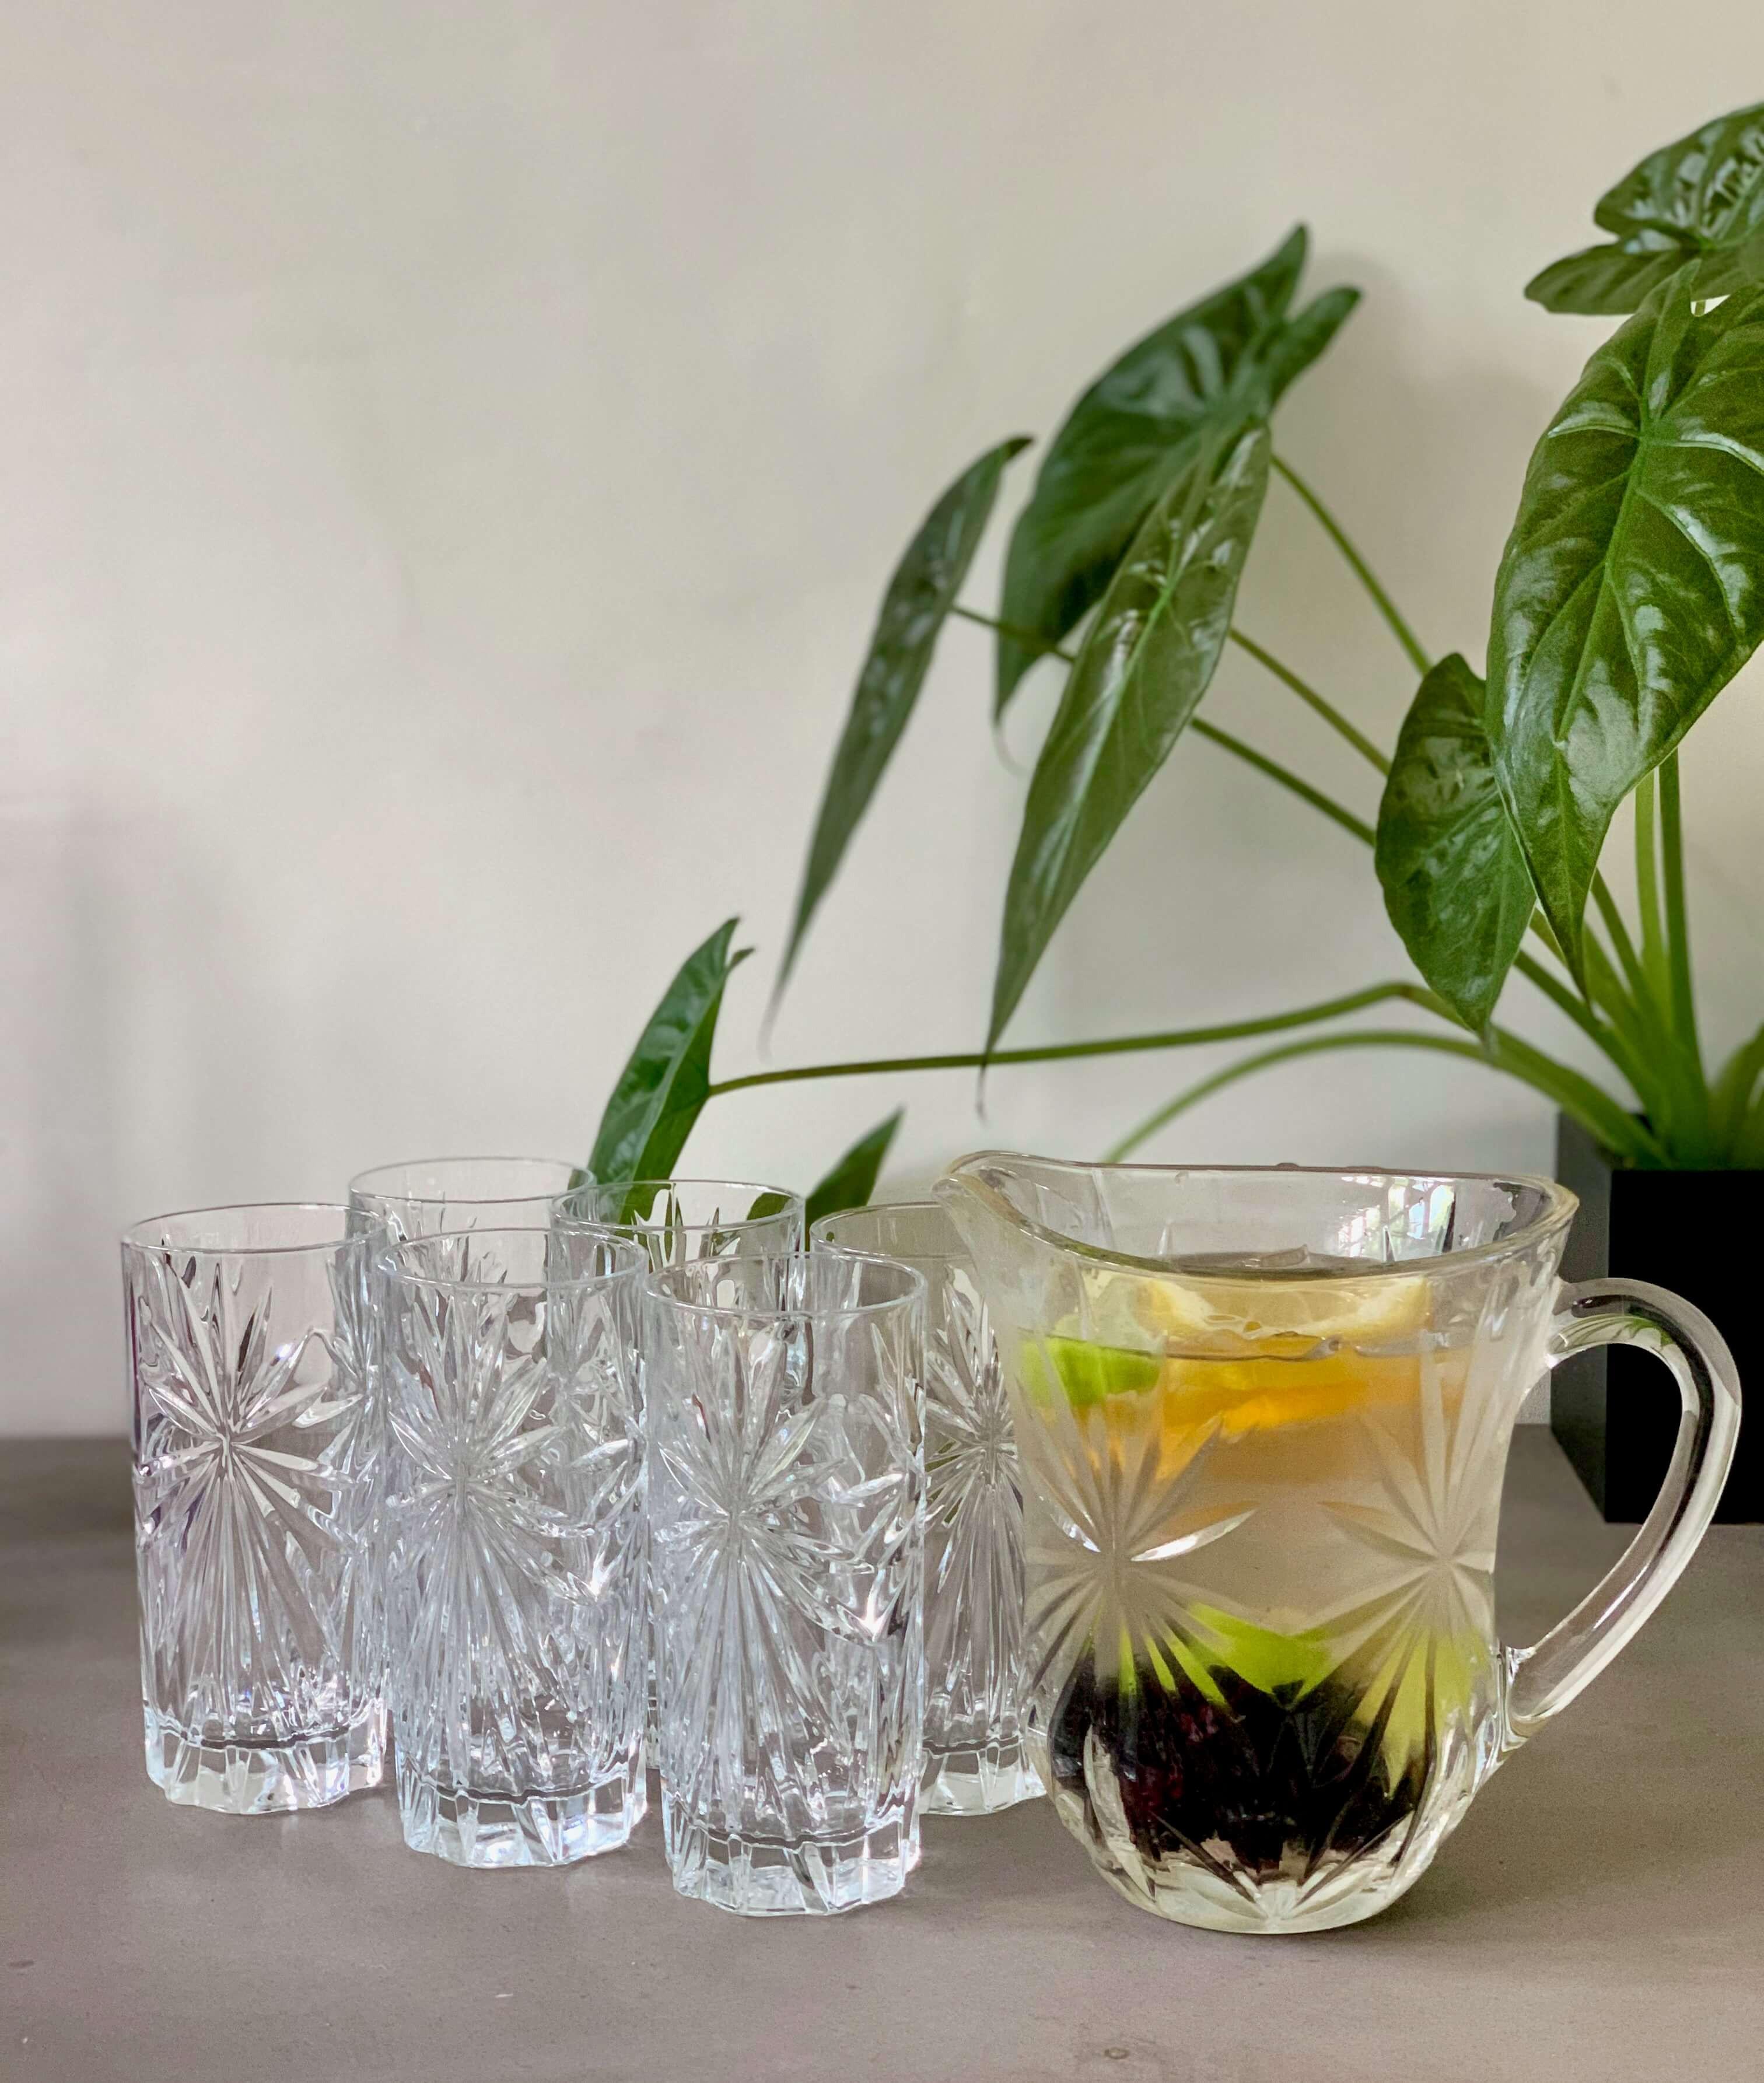 oasis-krystalglas-highball-longdrink-vandkande-saft-lemonade-mixmeister.dk